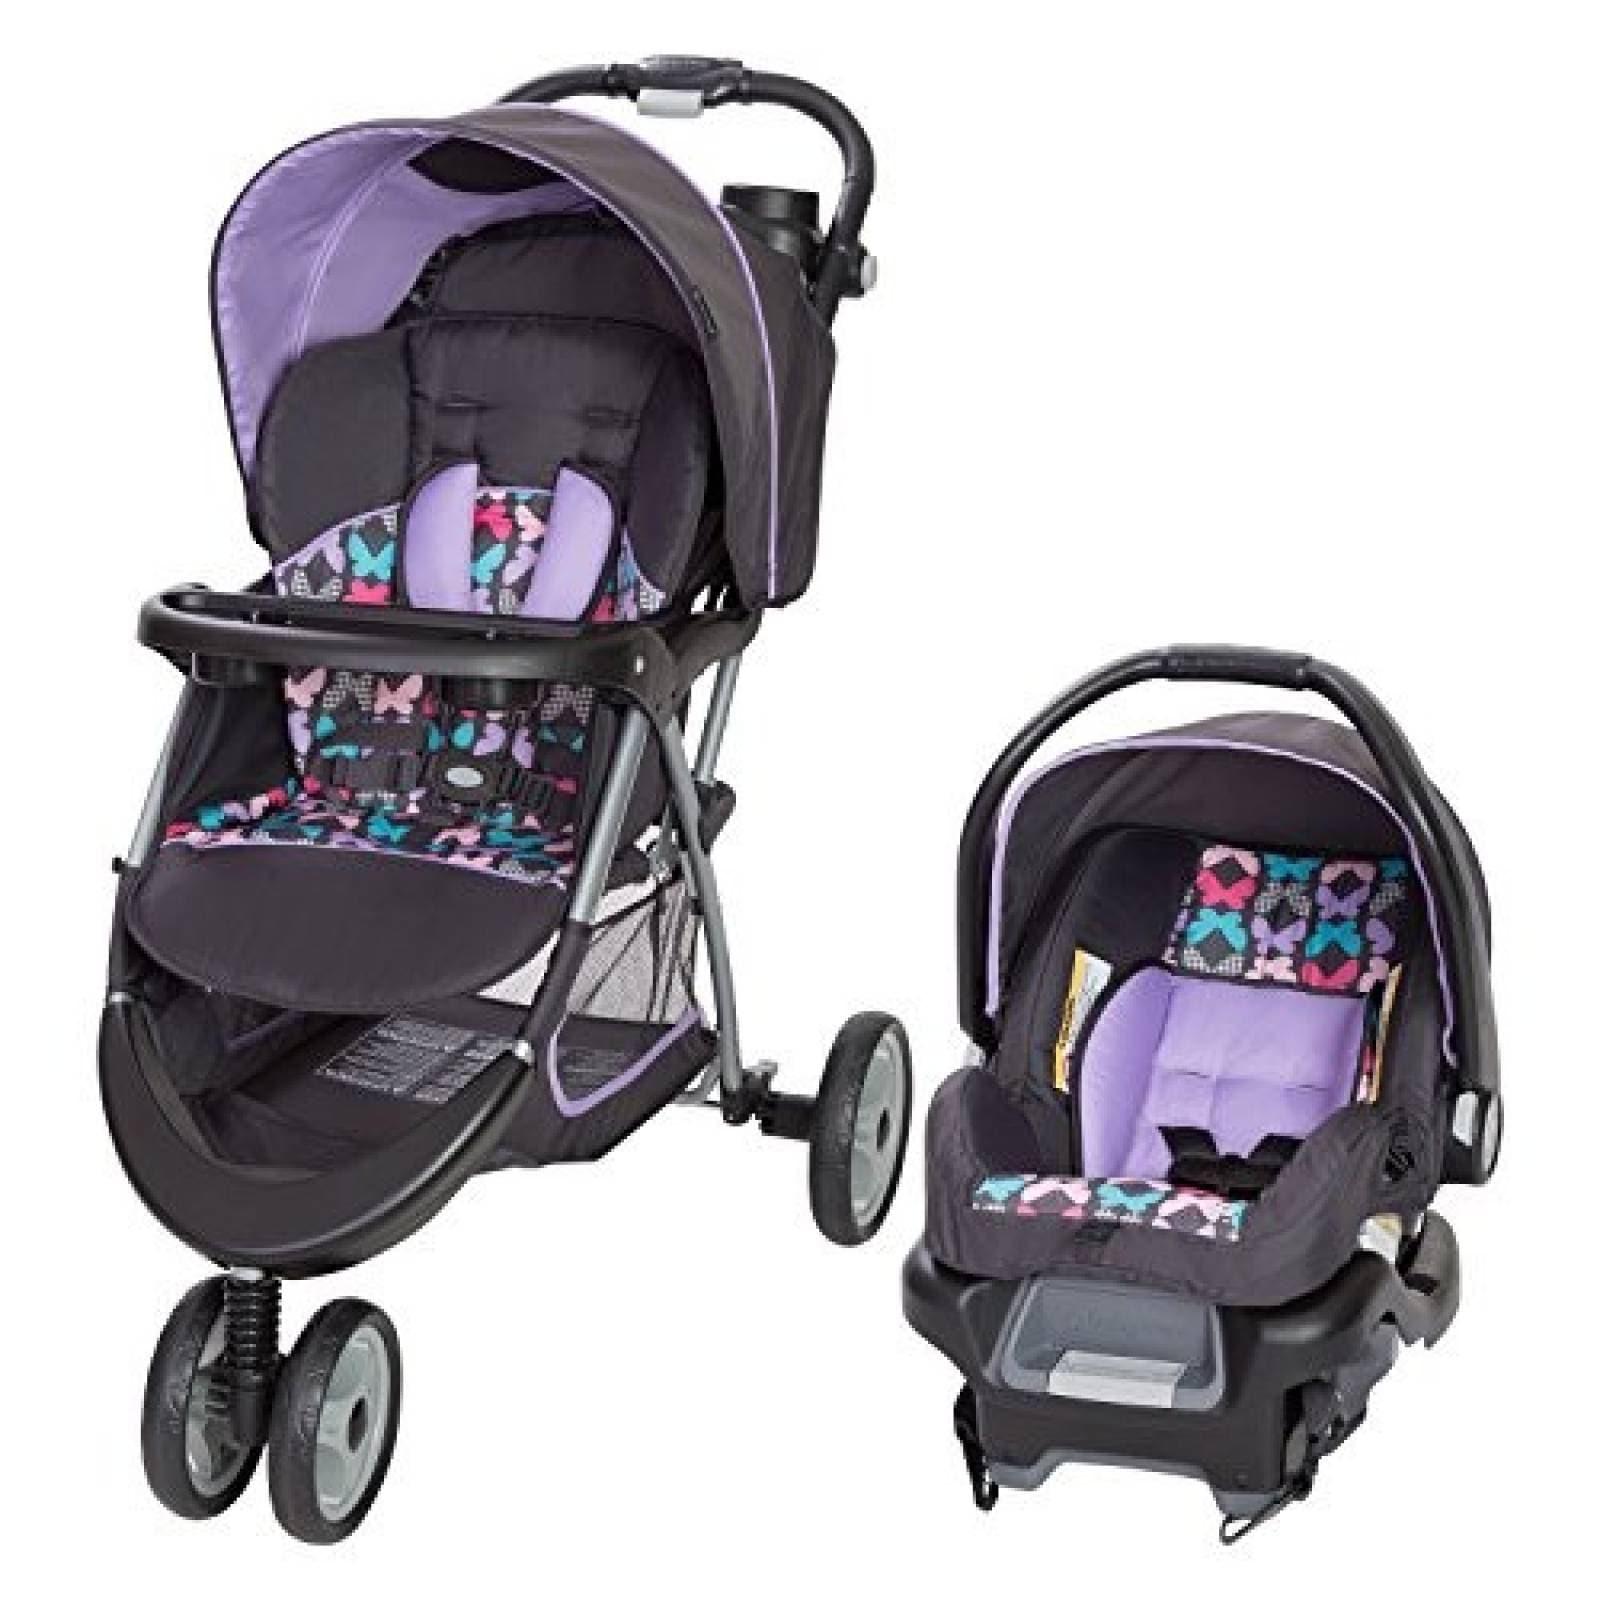 Carriola y Bouncer Baby Trend Ez Ride 35 Ajustable para Bebé